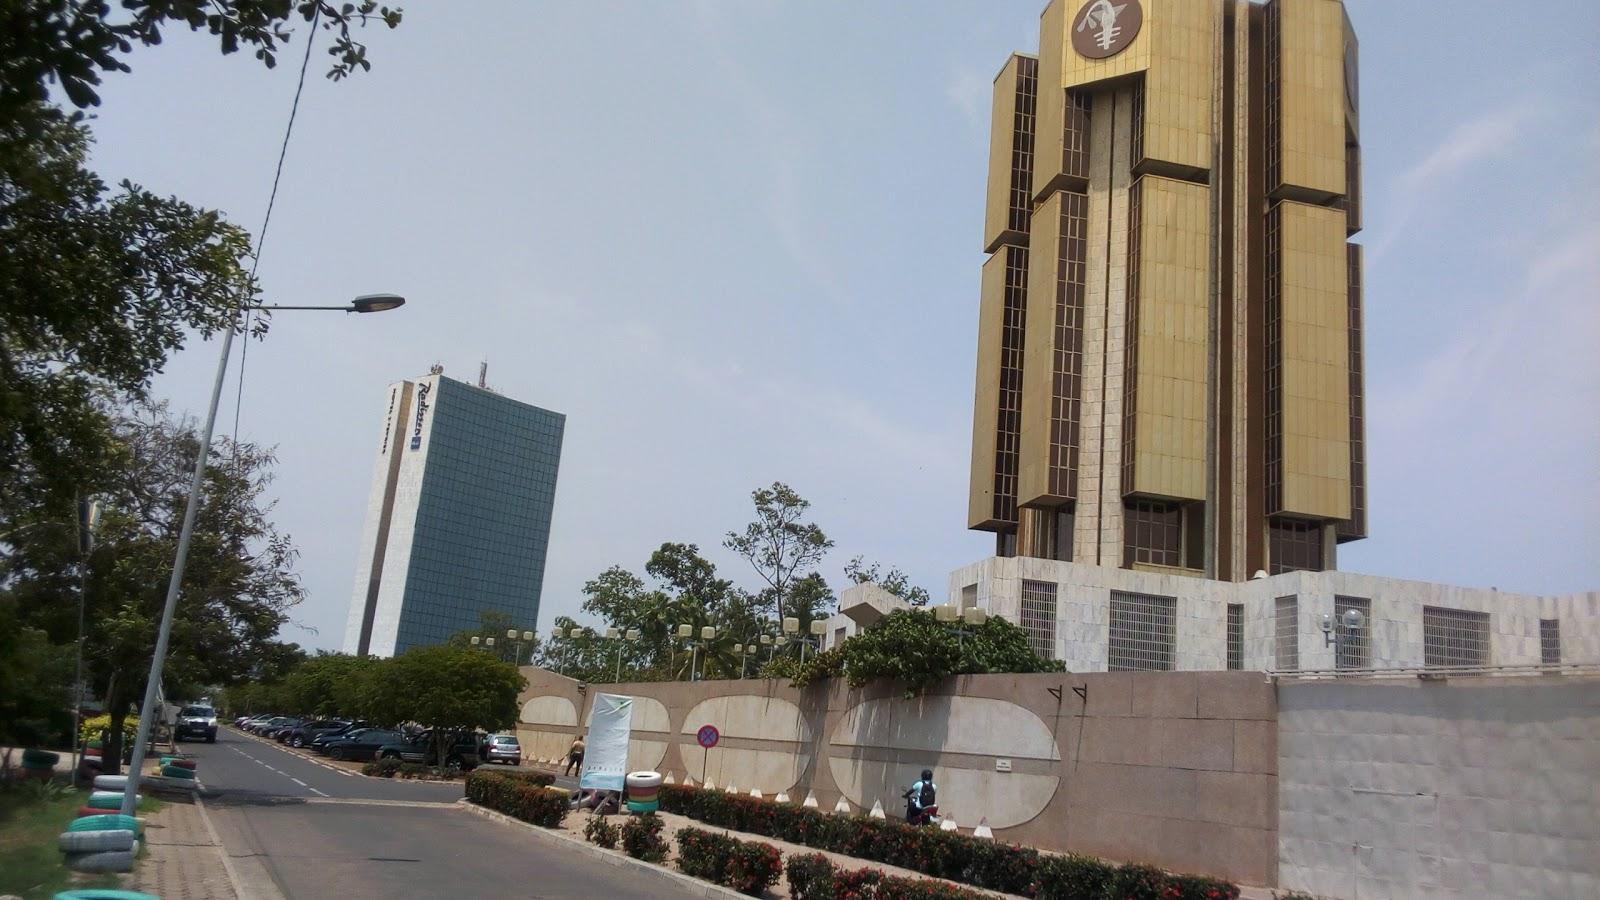 Banque Centrale des Etats d Afrique de l Ouest